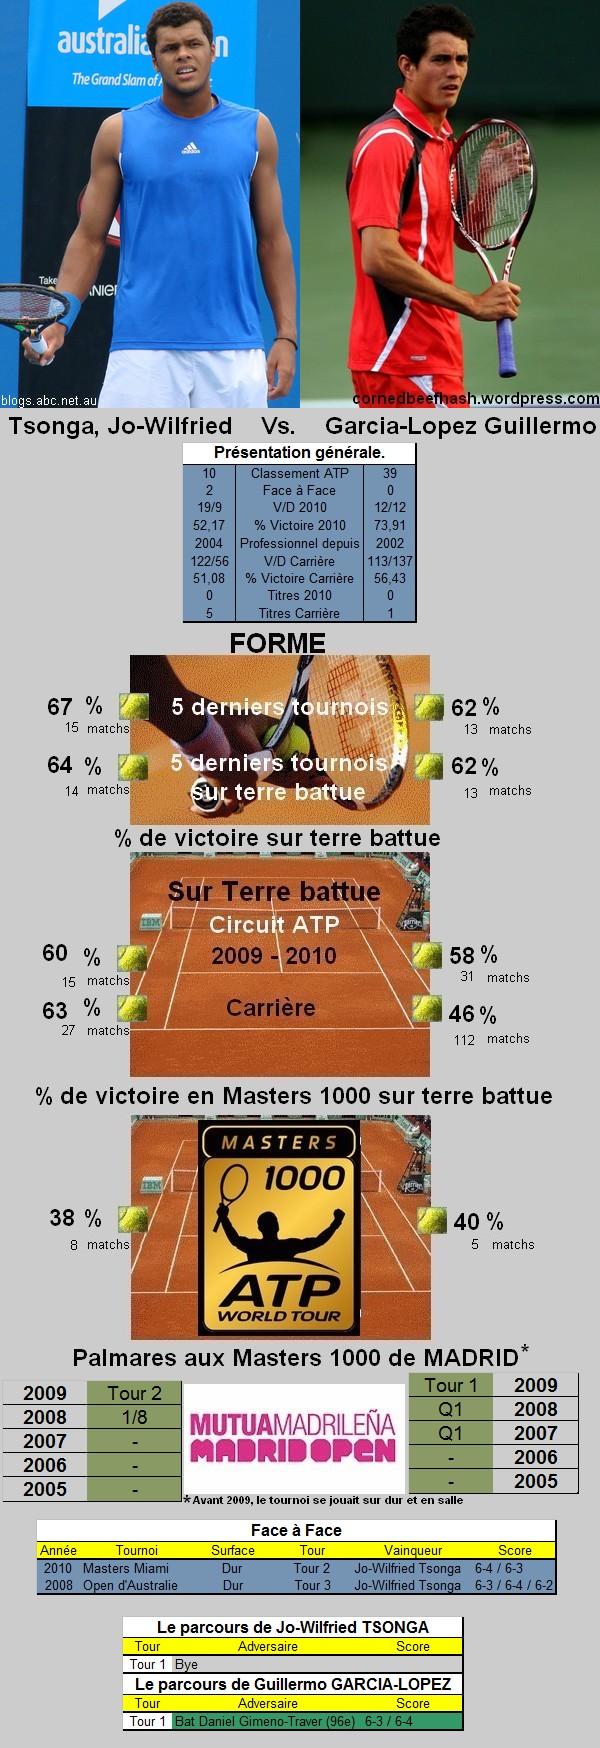 Statistiques tennis de Tsonga contre Garcia Lopez à Madrid